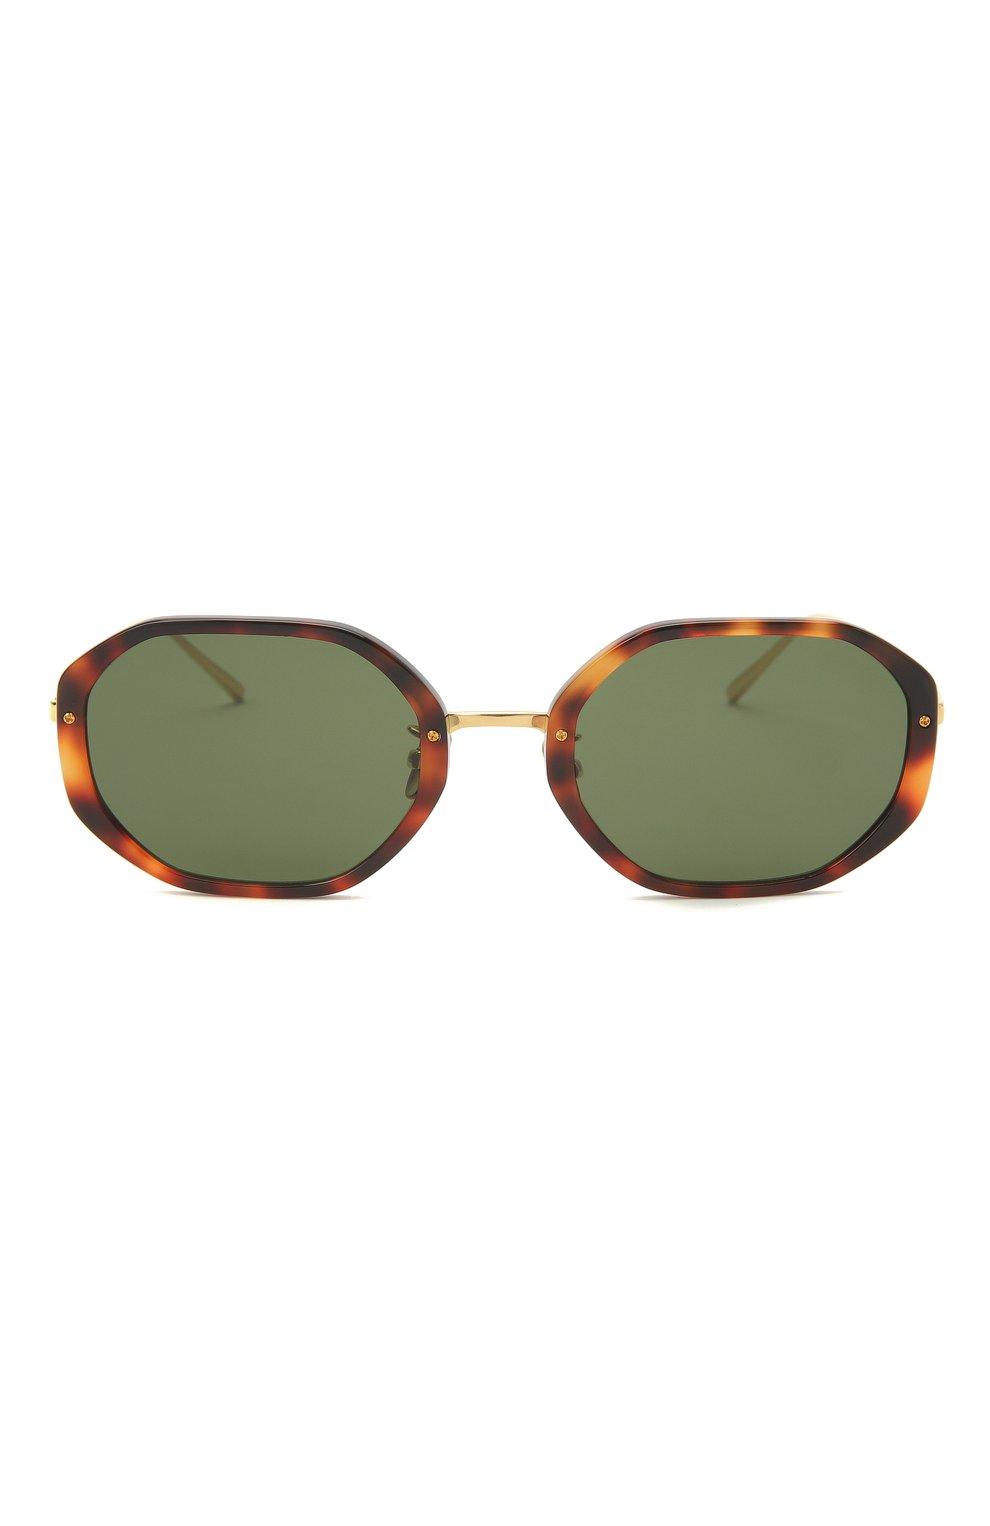 Женские солнцезащитные очки LINDA FARROW коричневого цвета, арт. LFL1084C2 SUN | Фото 3